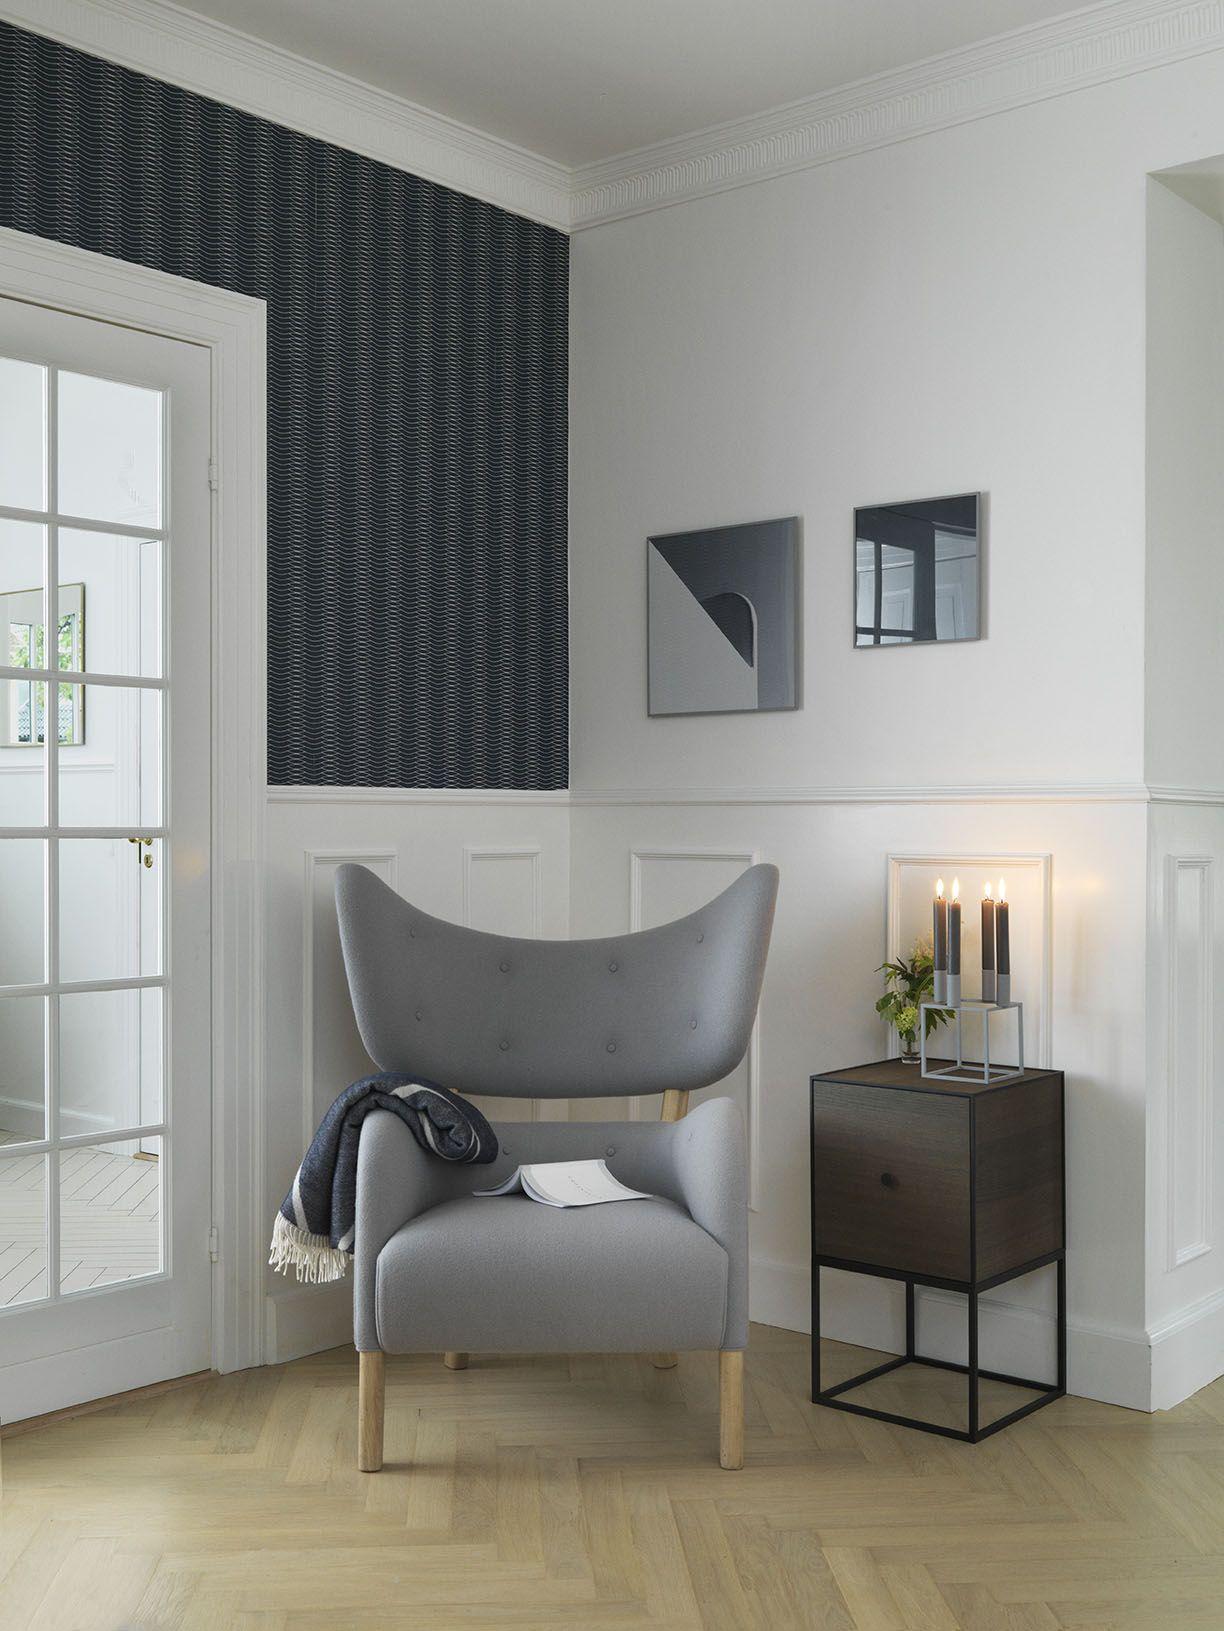 Flemming Lassens skulpturelle lænestol 'My Own Chair' er længe blevet beundret med stor respekt af designelskere verden over. Lænestolen blev designet i 1938 af Flemming Lassen, som ønskede at lave den perfekte lænestol. Stolen blev præsenteret på Snedkermesterlaugets udstilling samme år, men dengang var stolens to-delte form for speciel, selv til datidens modernister. Derfor er der kun lavet én eneste stol, og denne stod i Flemming Lassens private hjem hele hans liv.